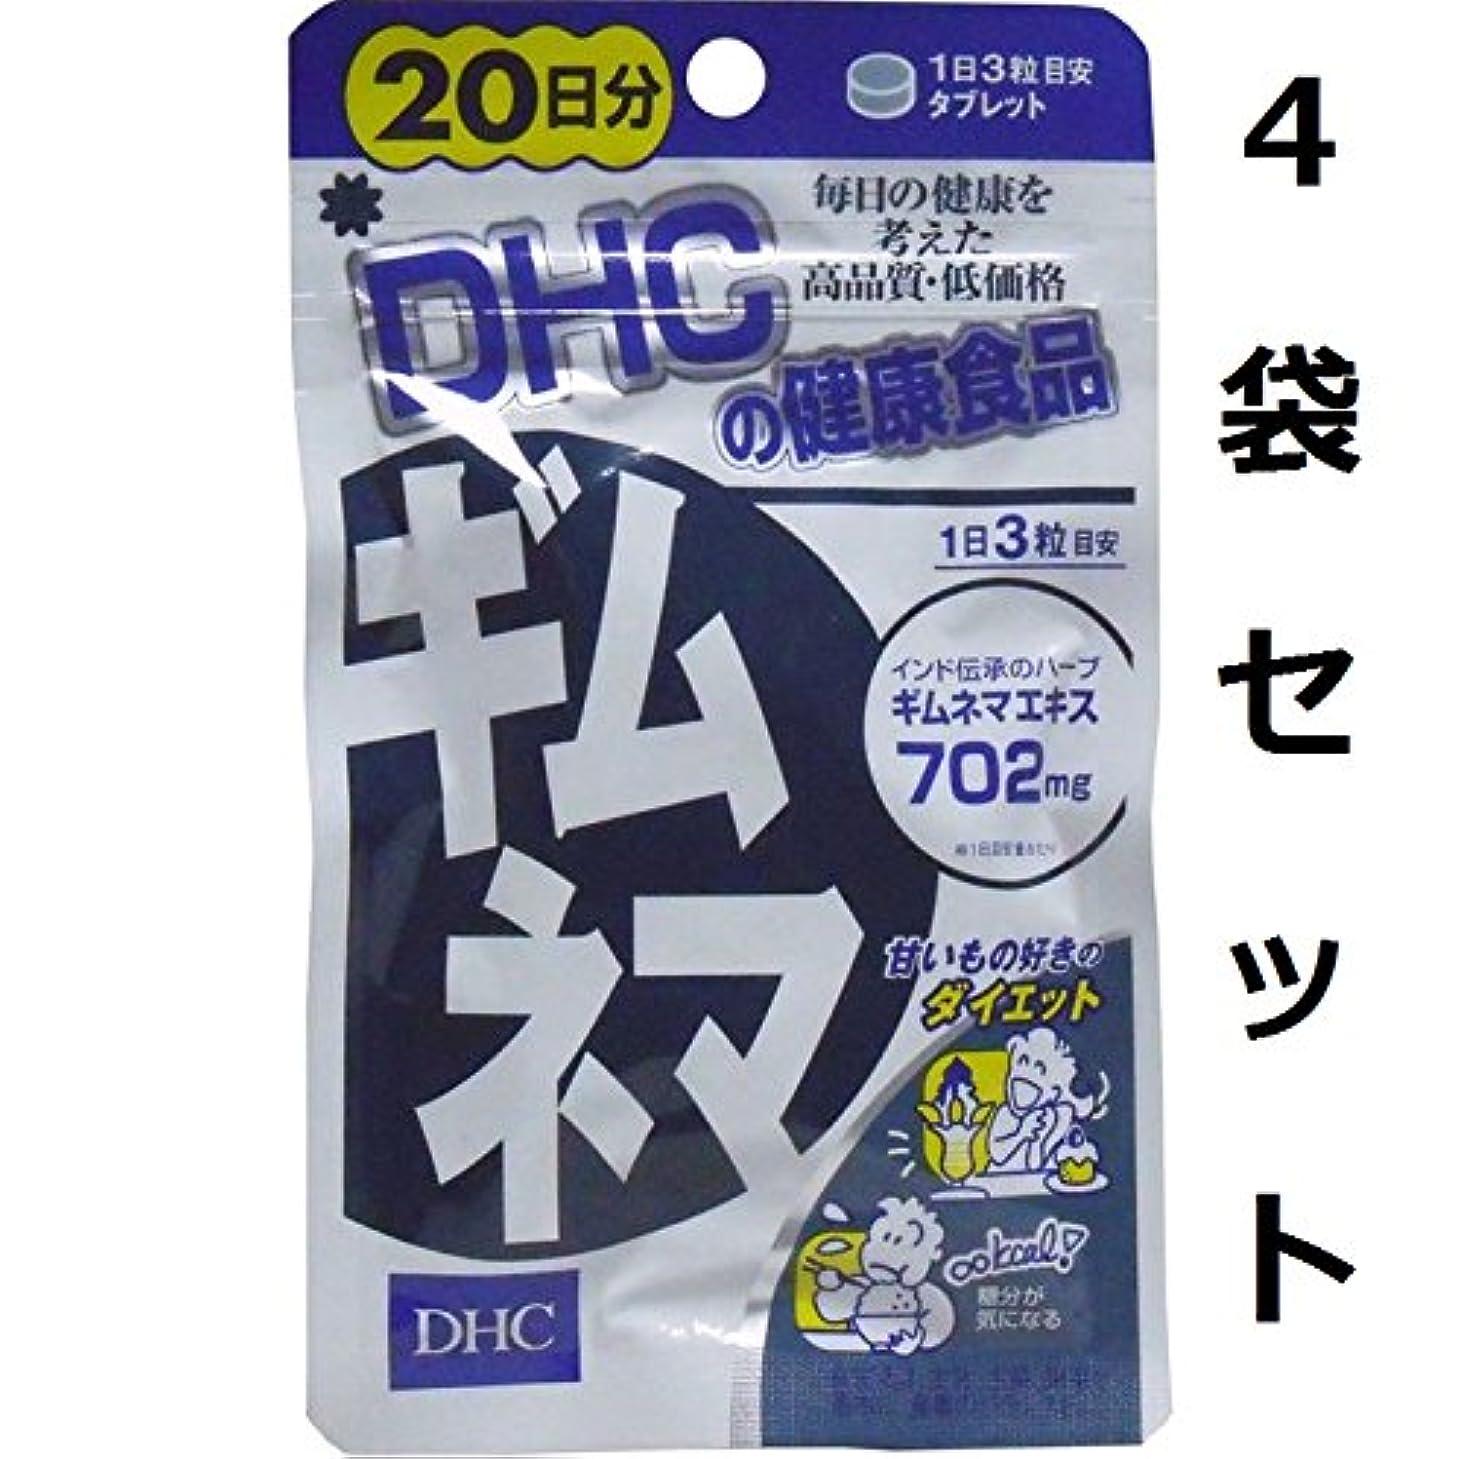 着実に橋おびえた余分な糖分をブロック DHC ギムネマ 20日分 60粒 4袋セット